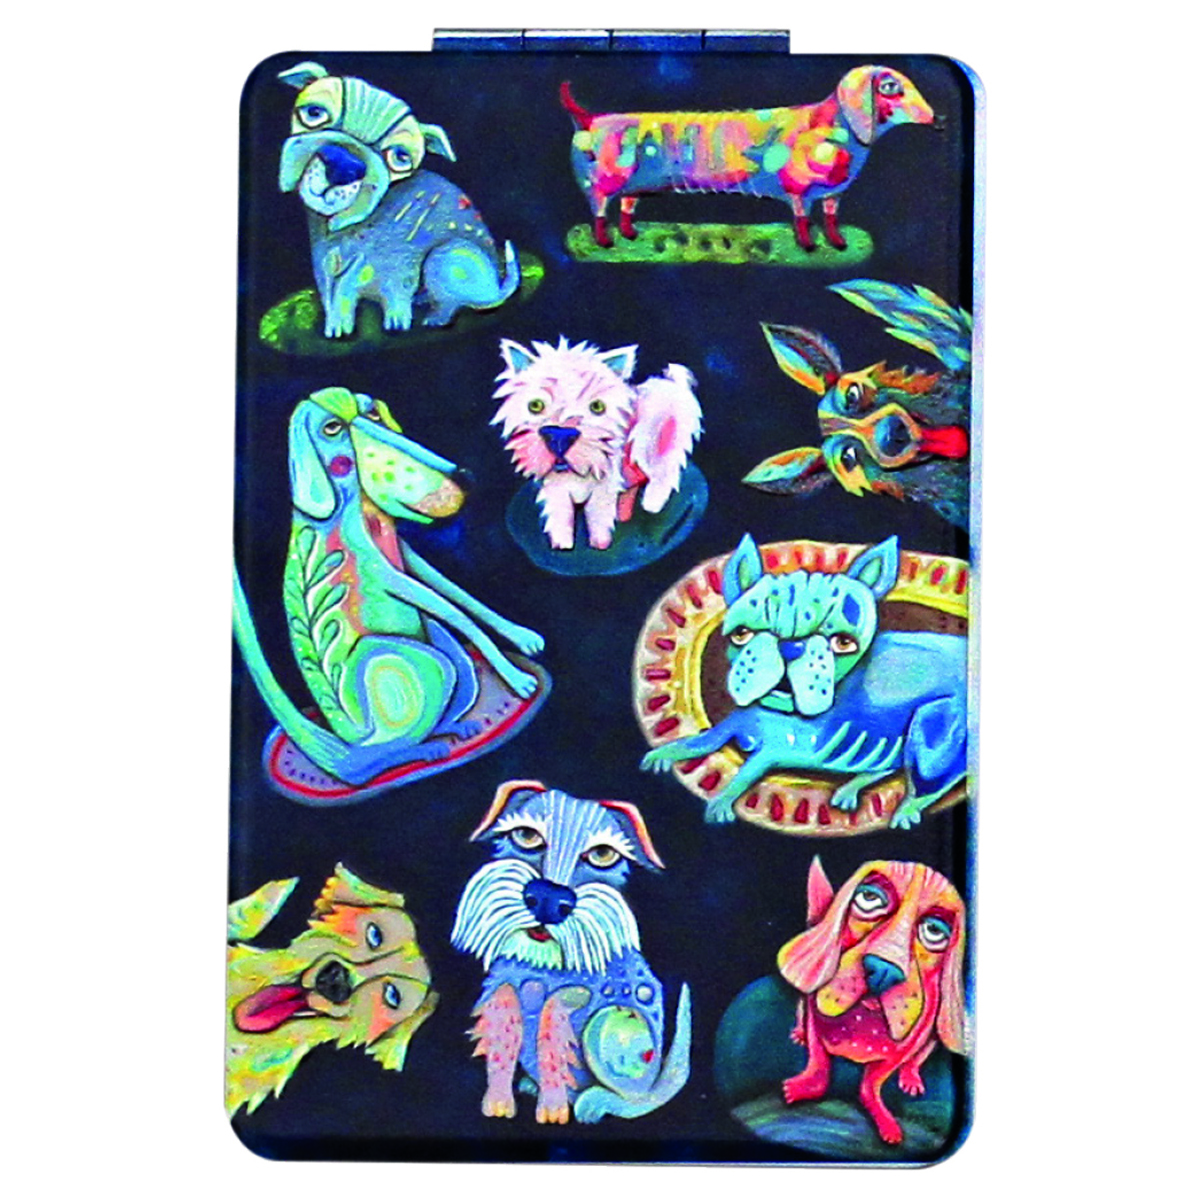 Miroir de poche \'Allen Designs\' noir multicolore (chiens) - 85x55 cm - [Q1987]